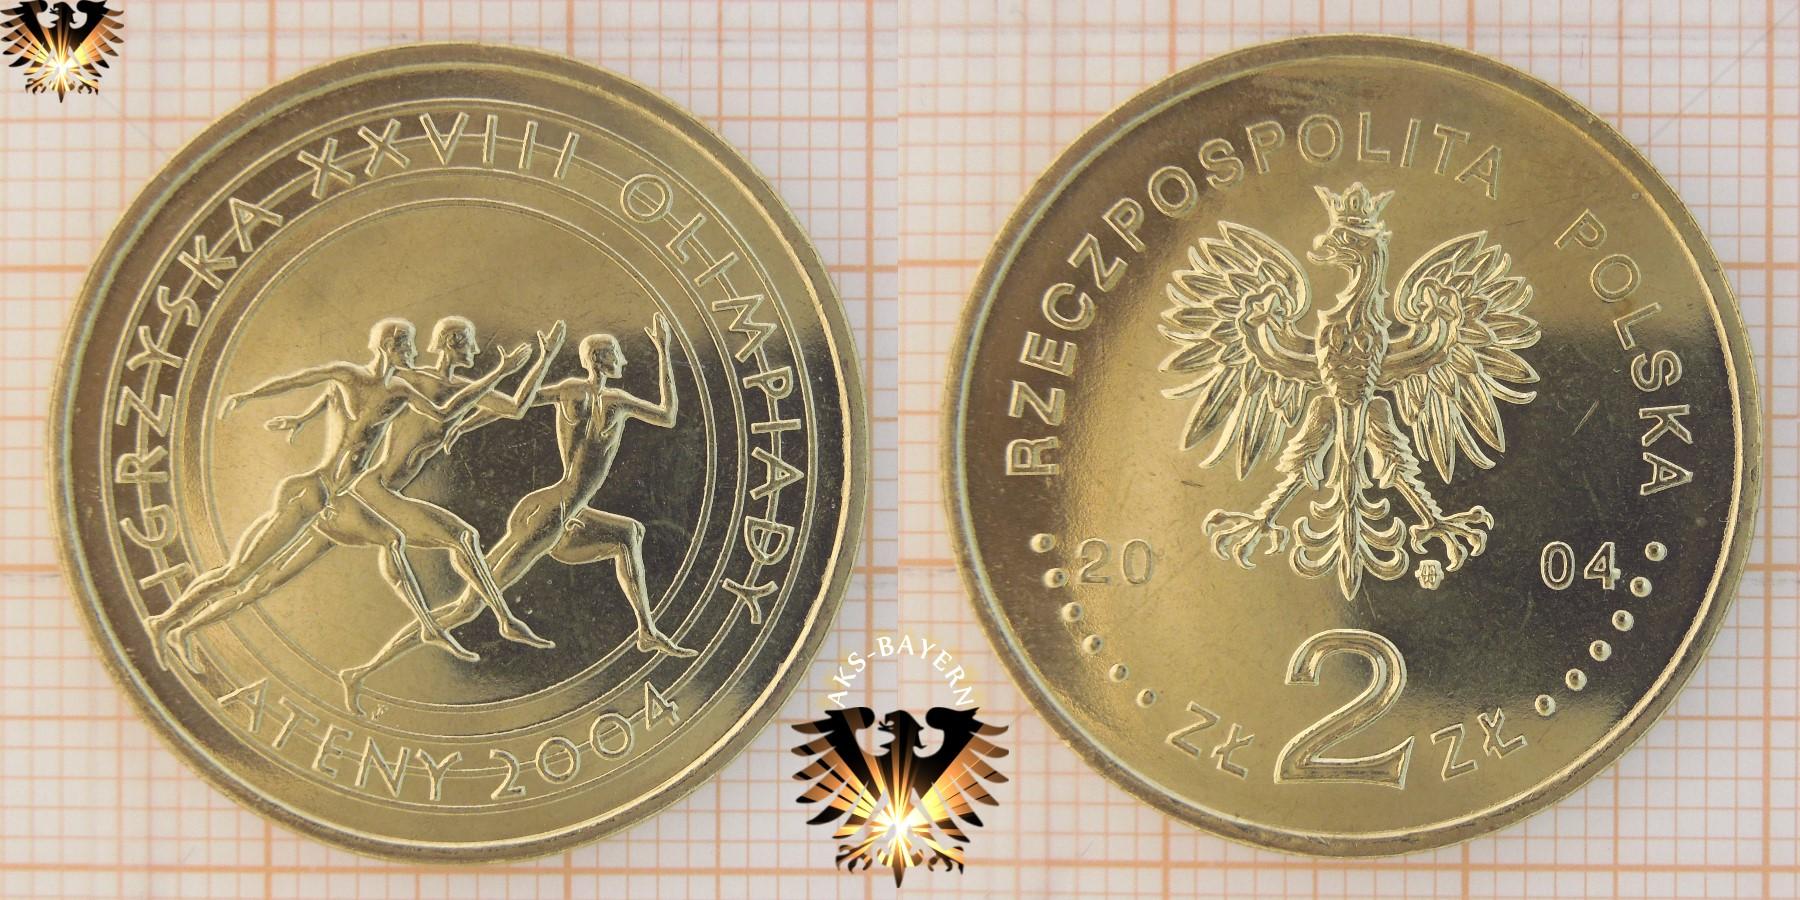 Münzkatalog Polen Poland Sammlermünzen Umlaufmünzen Und